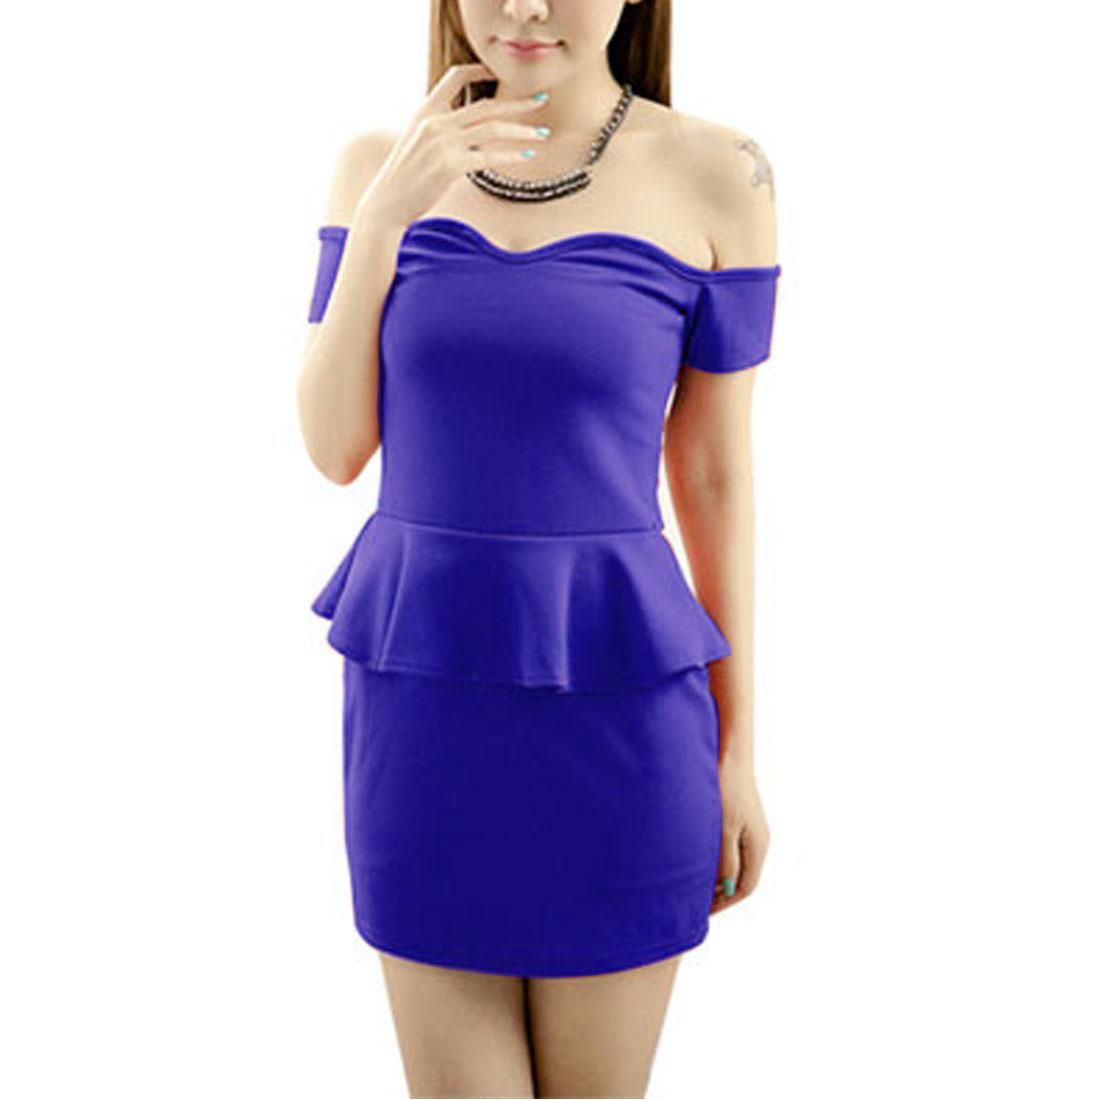 Summer Back Zipper Closure Dark Blue Tiered Mini Dress XS for Woman